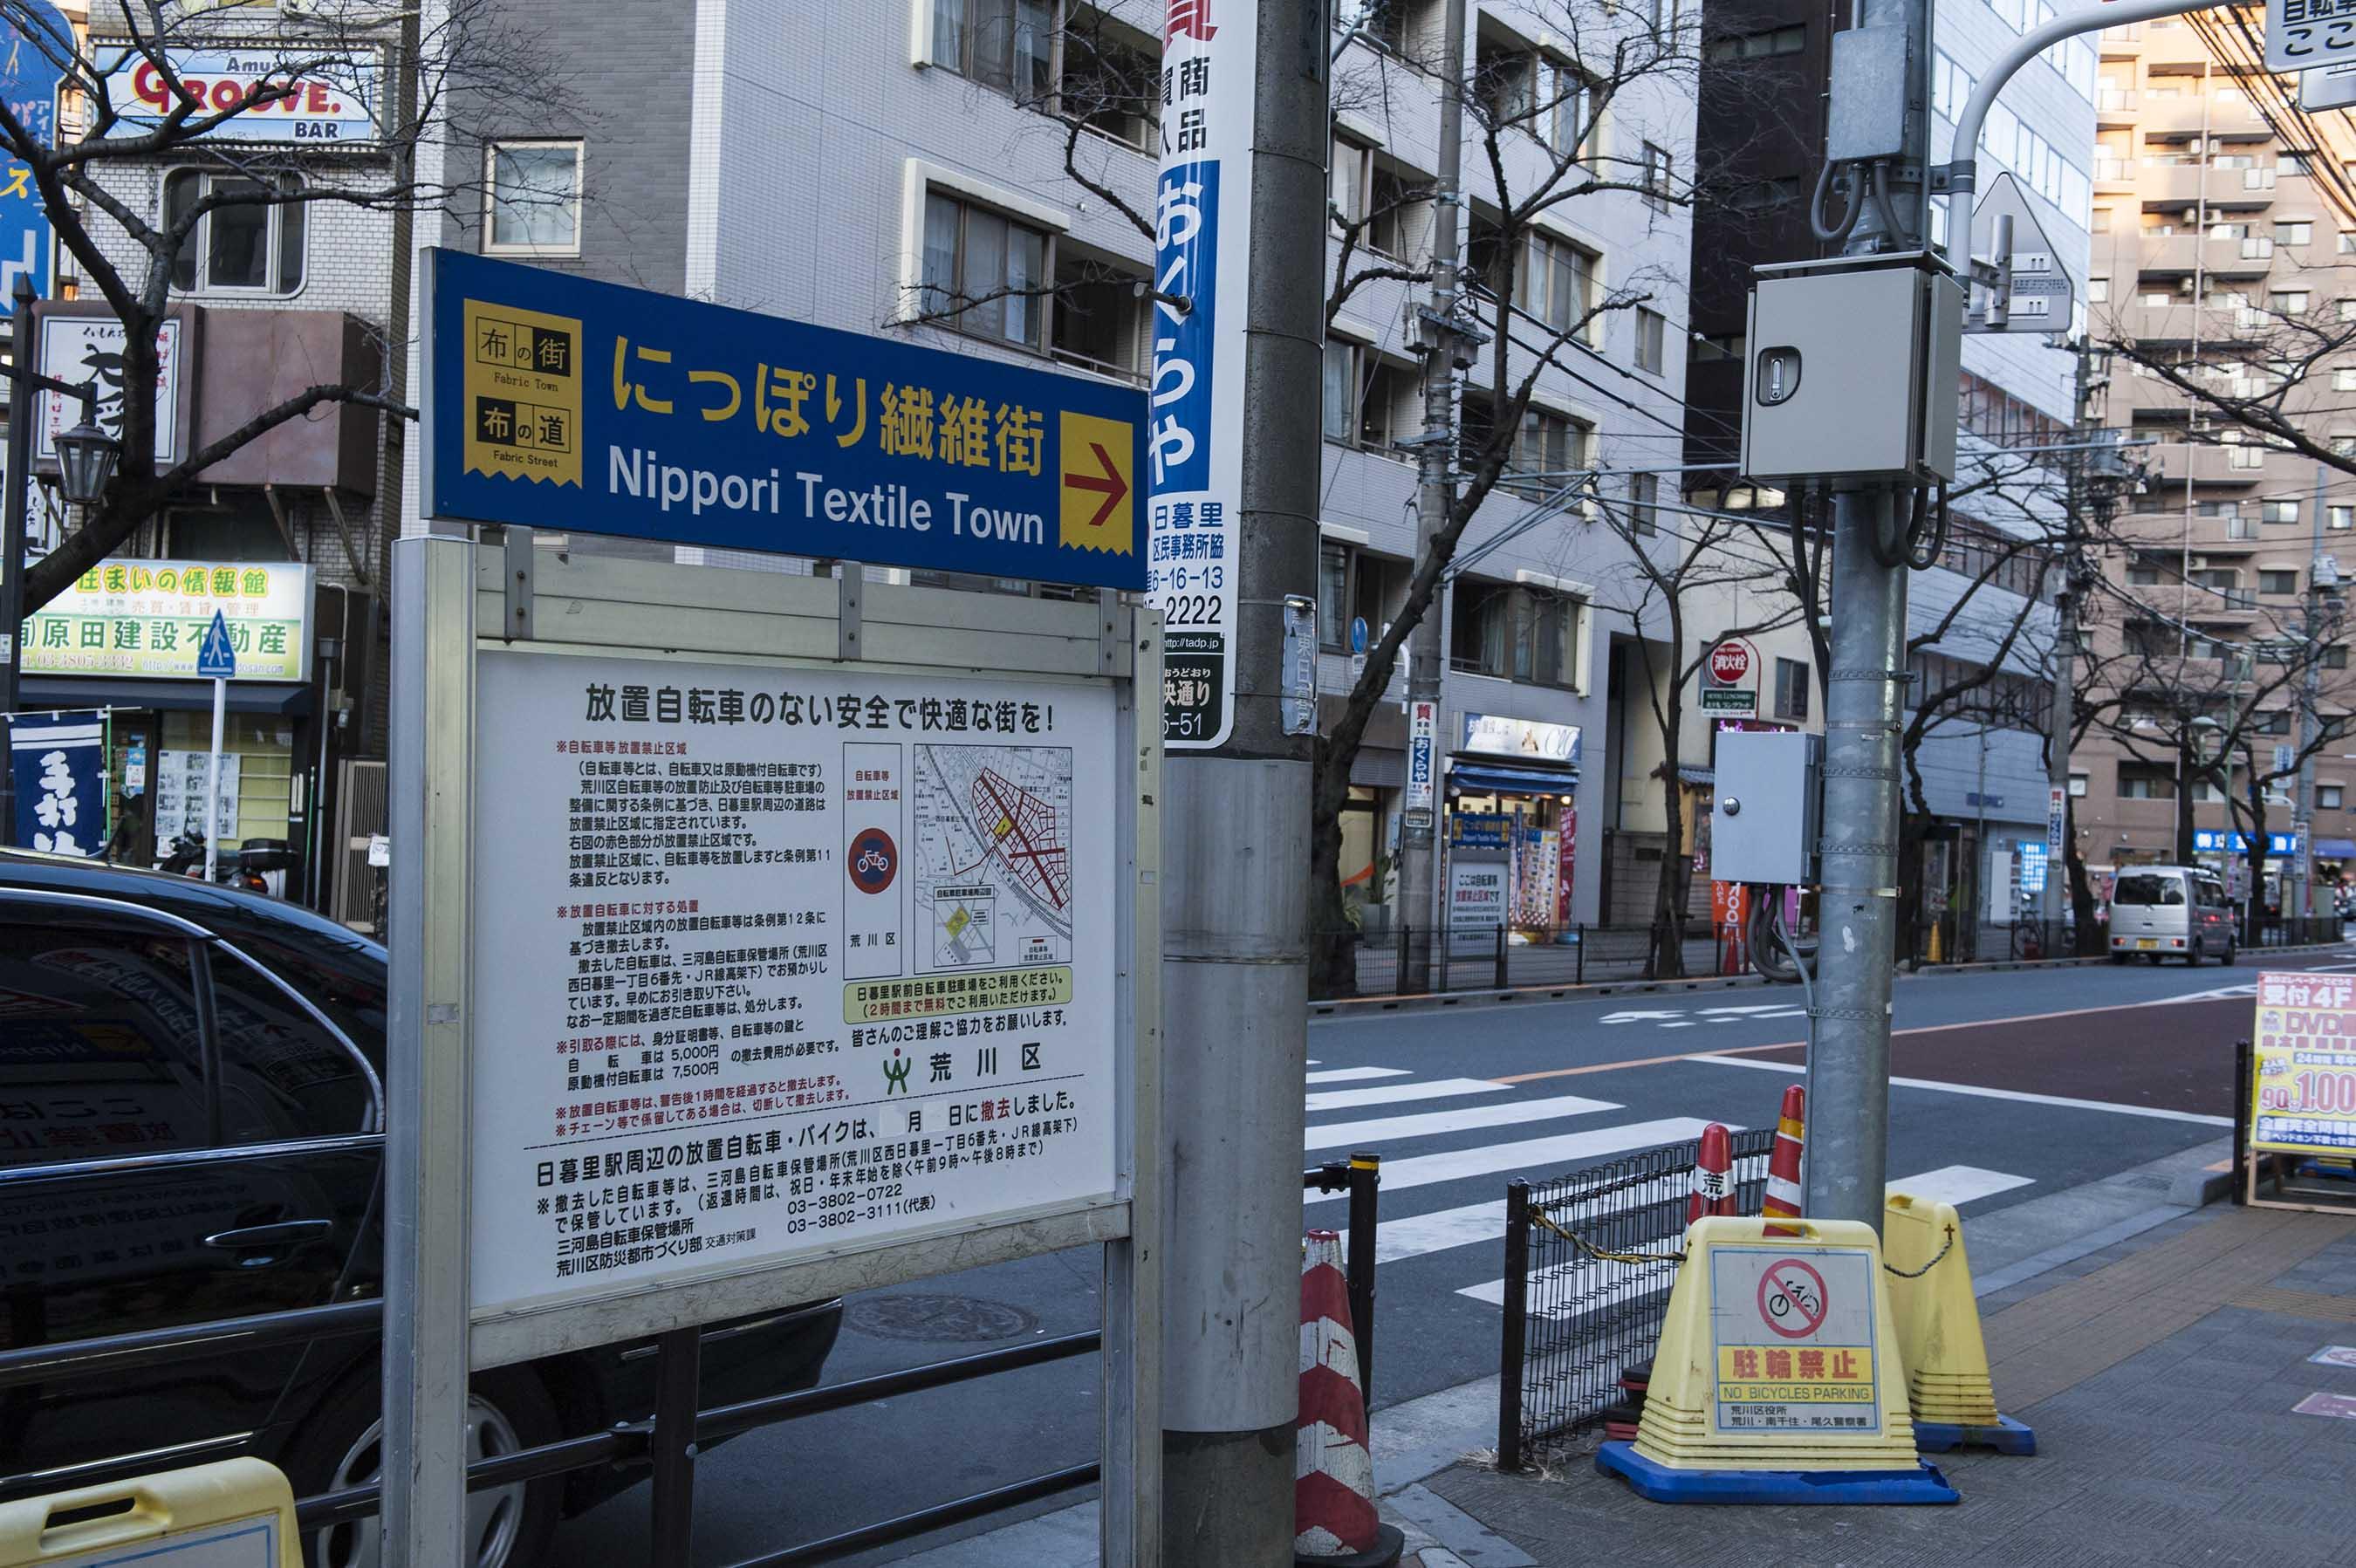 Nippori Textile Town